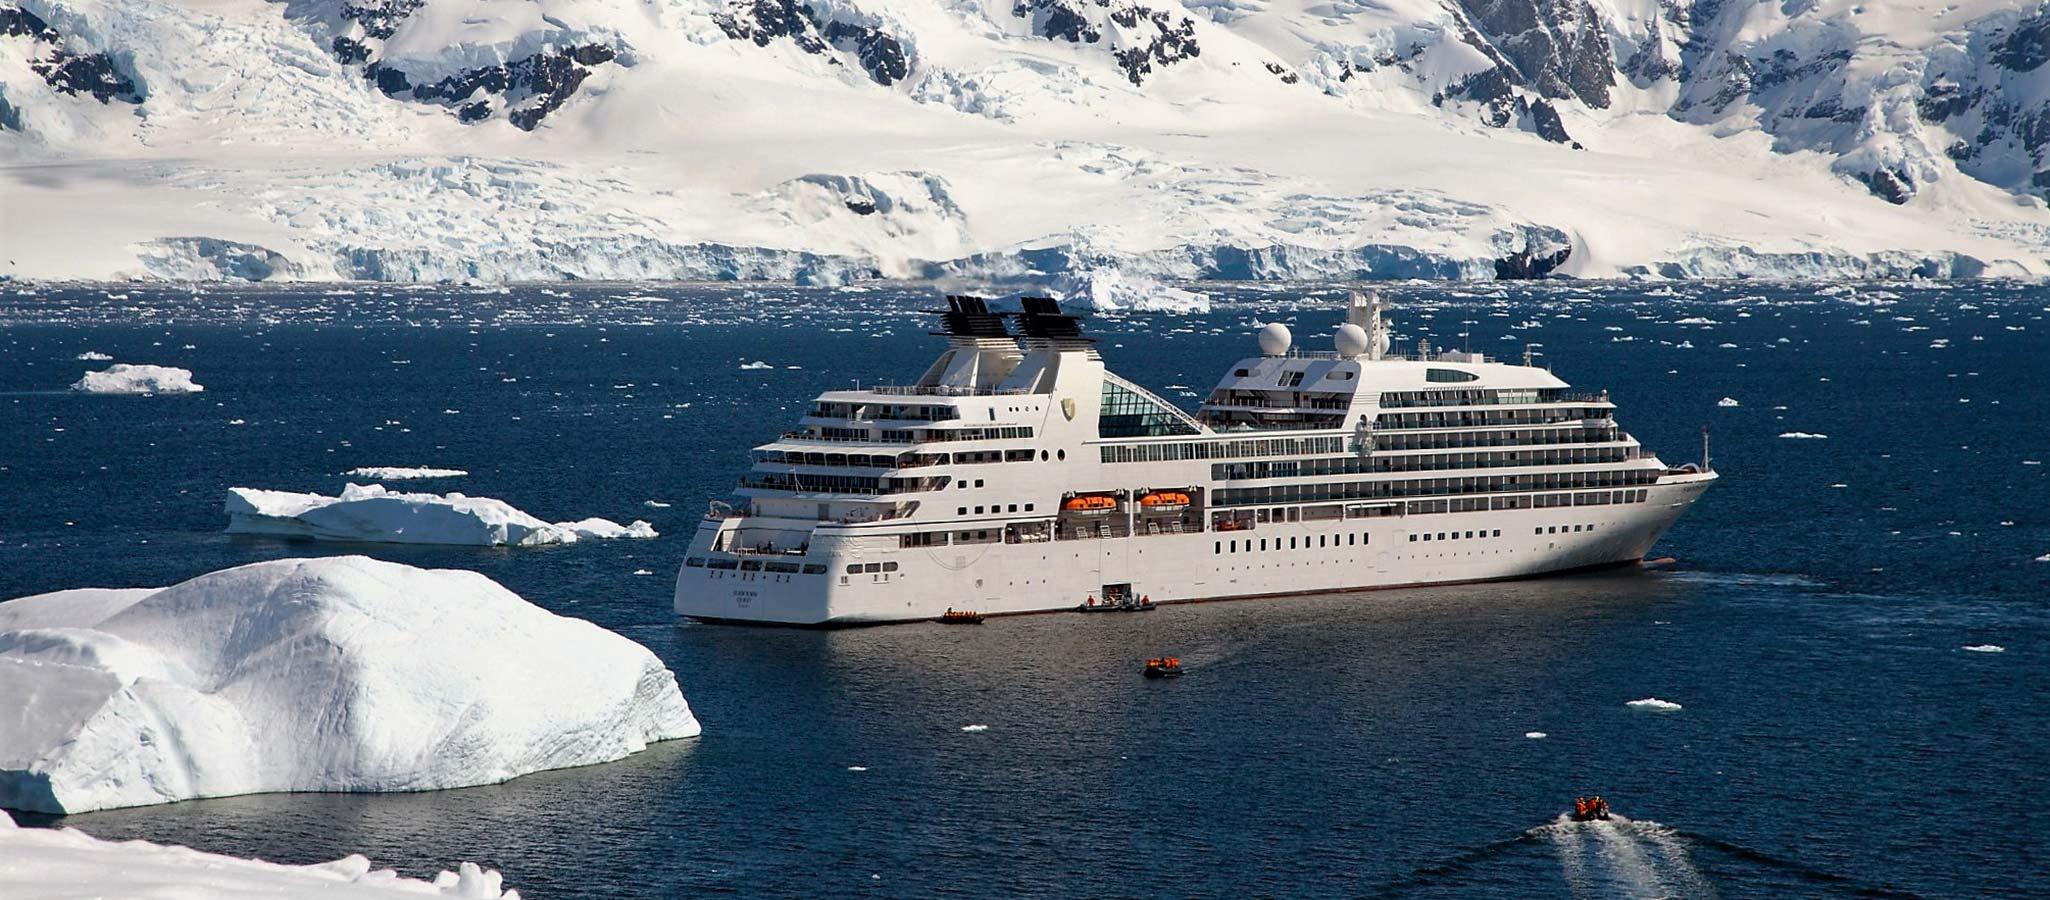 Kreuzfahrtschiffe mit höchster Eisklasse nehmen zudem Kurs auf die arktischen Regionen, die als Once-in-a-Lifetime-Destination für Events gelten.